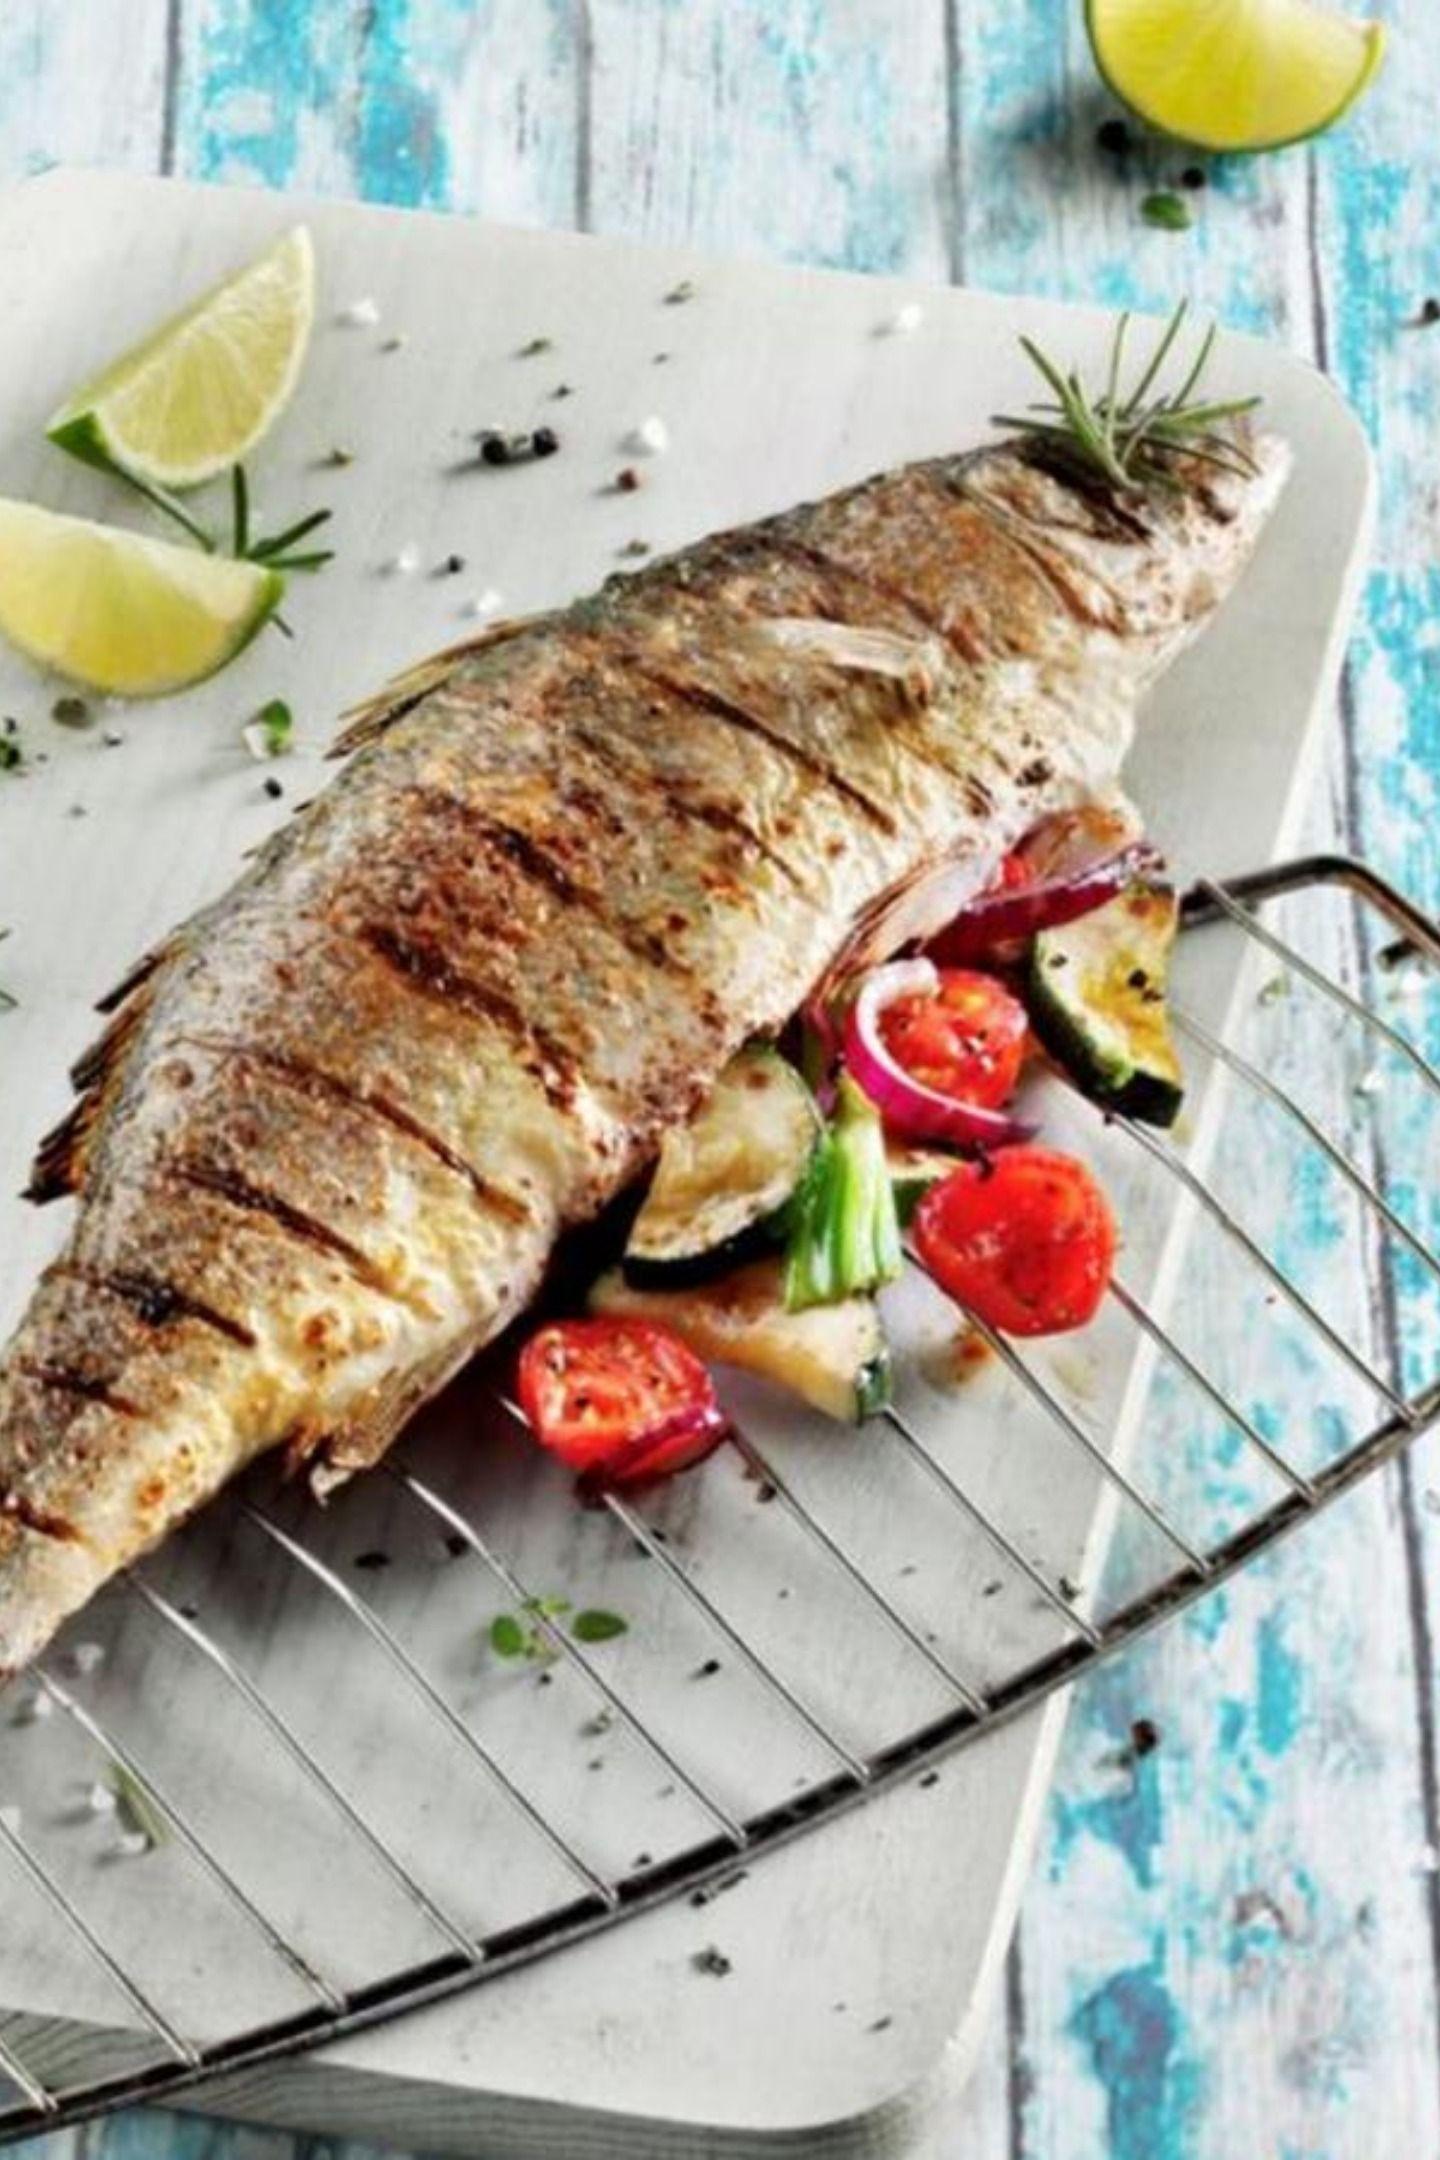 16e5fc5df98c33c5728865970e9875cf - Rezepte Fisch